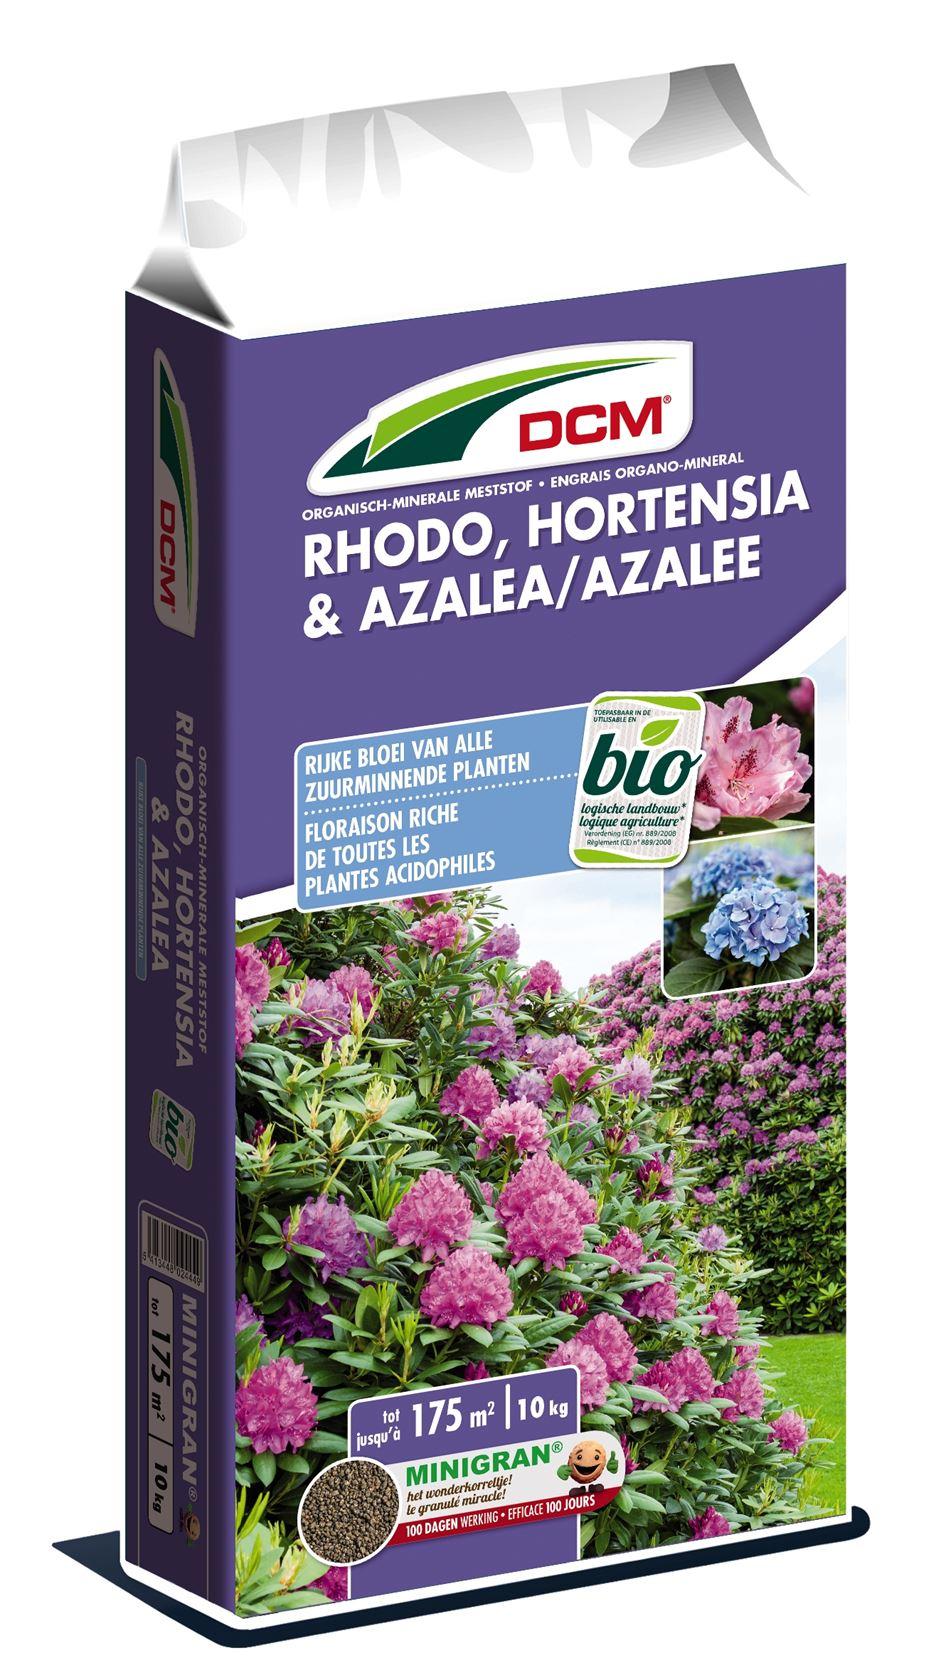 Meststof-rhododendron-hortensia-azalea-10kg-Bio-NPK-5-3-6-2MgO-FE-zuurminnende-planten-